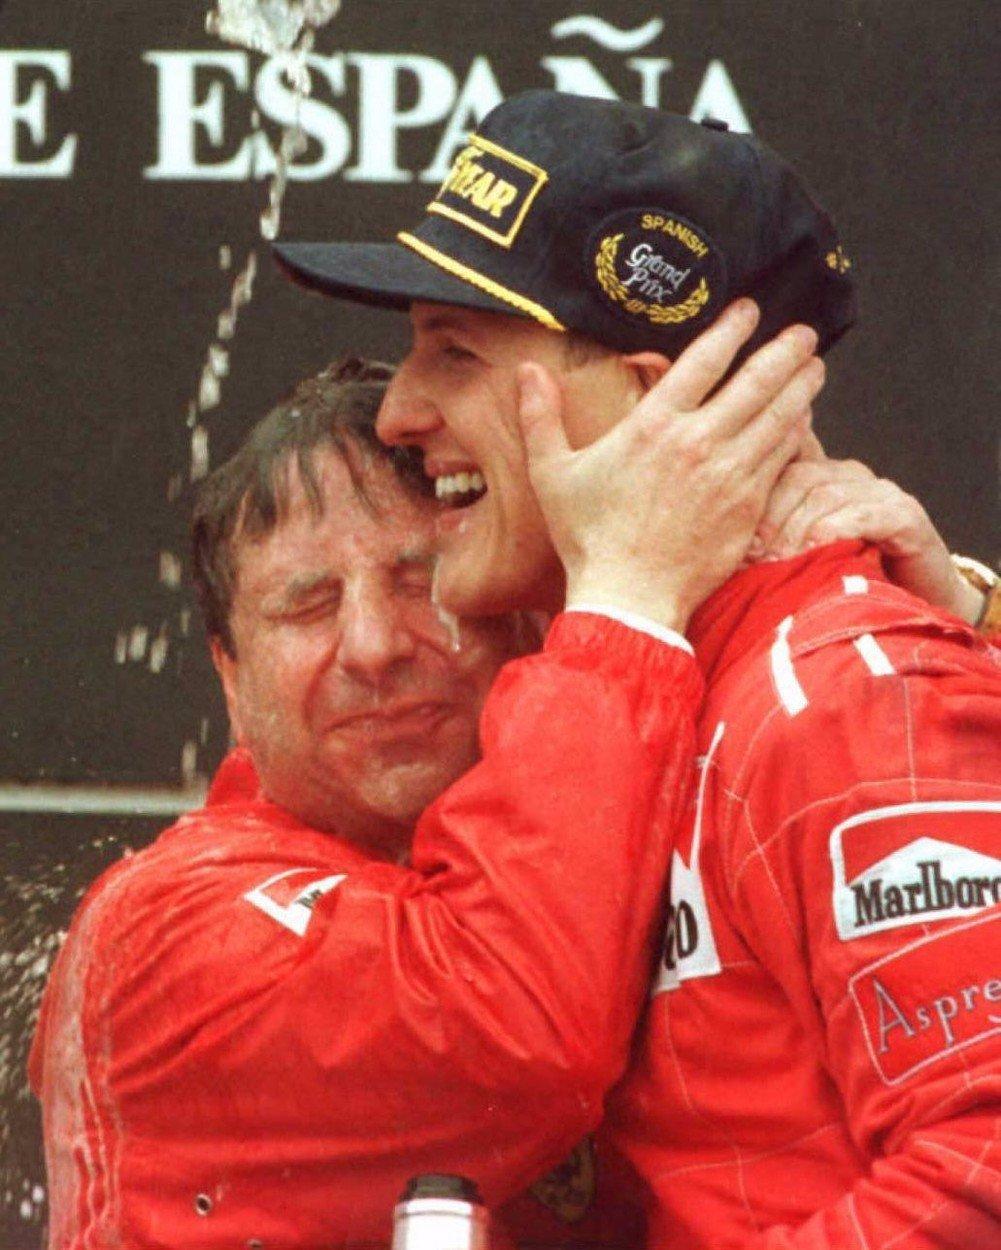 Smutné detaily o stavu Michaela Schumachera: Komunikuje jen pohledem, mluvit nedokáže